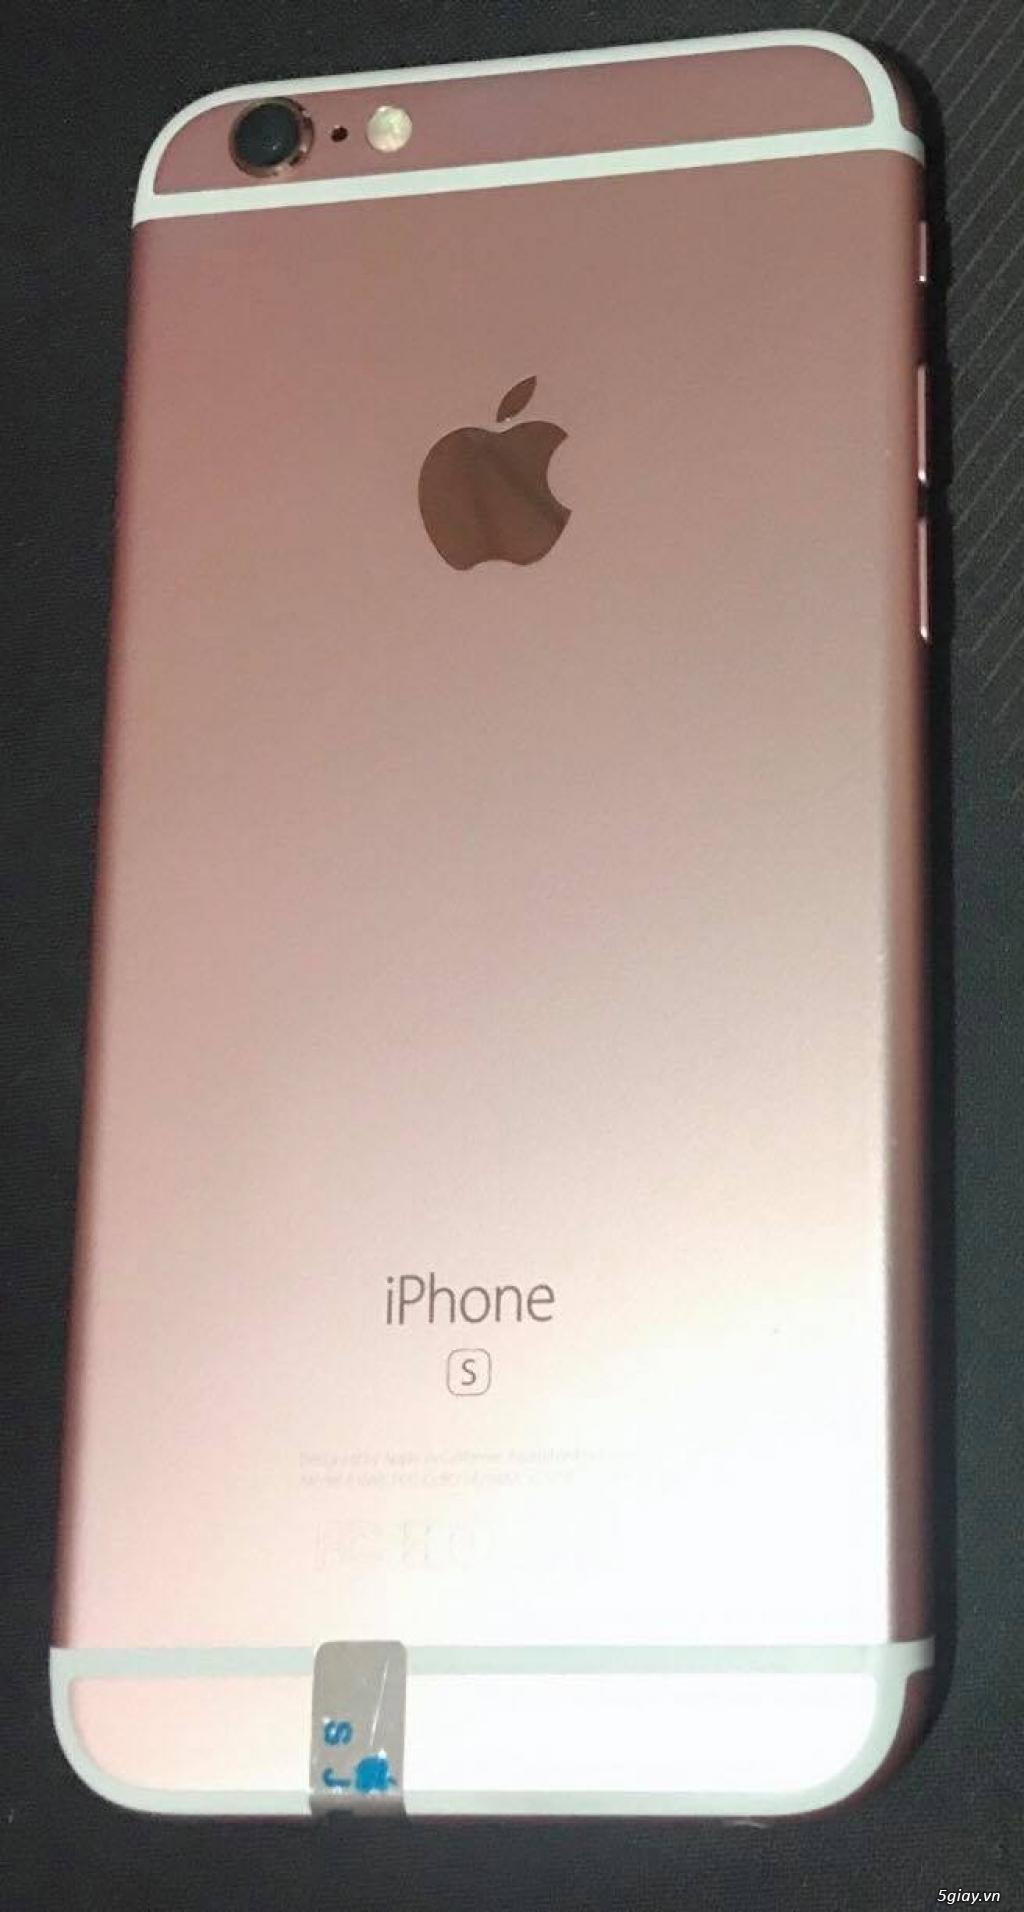 Bán iPhone 6s QT 16Gb màu hồng tại Q.12 HM - 3